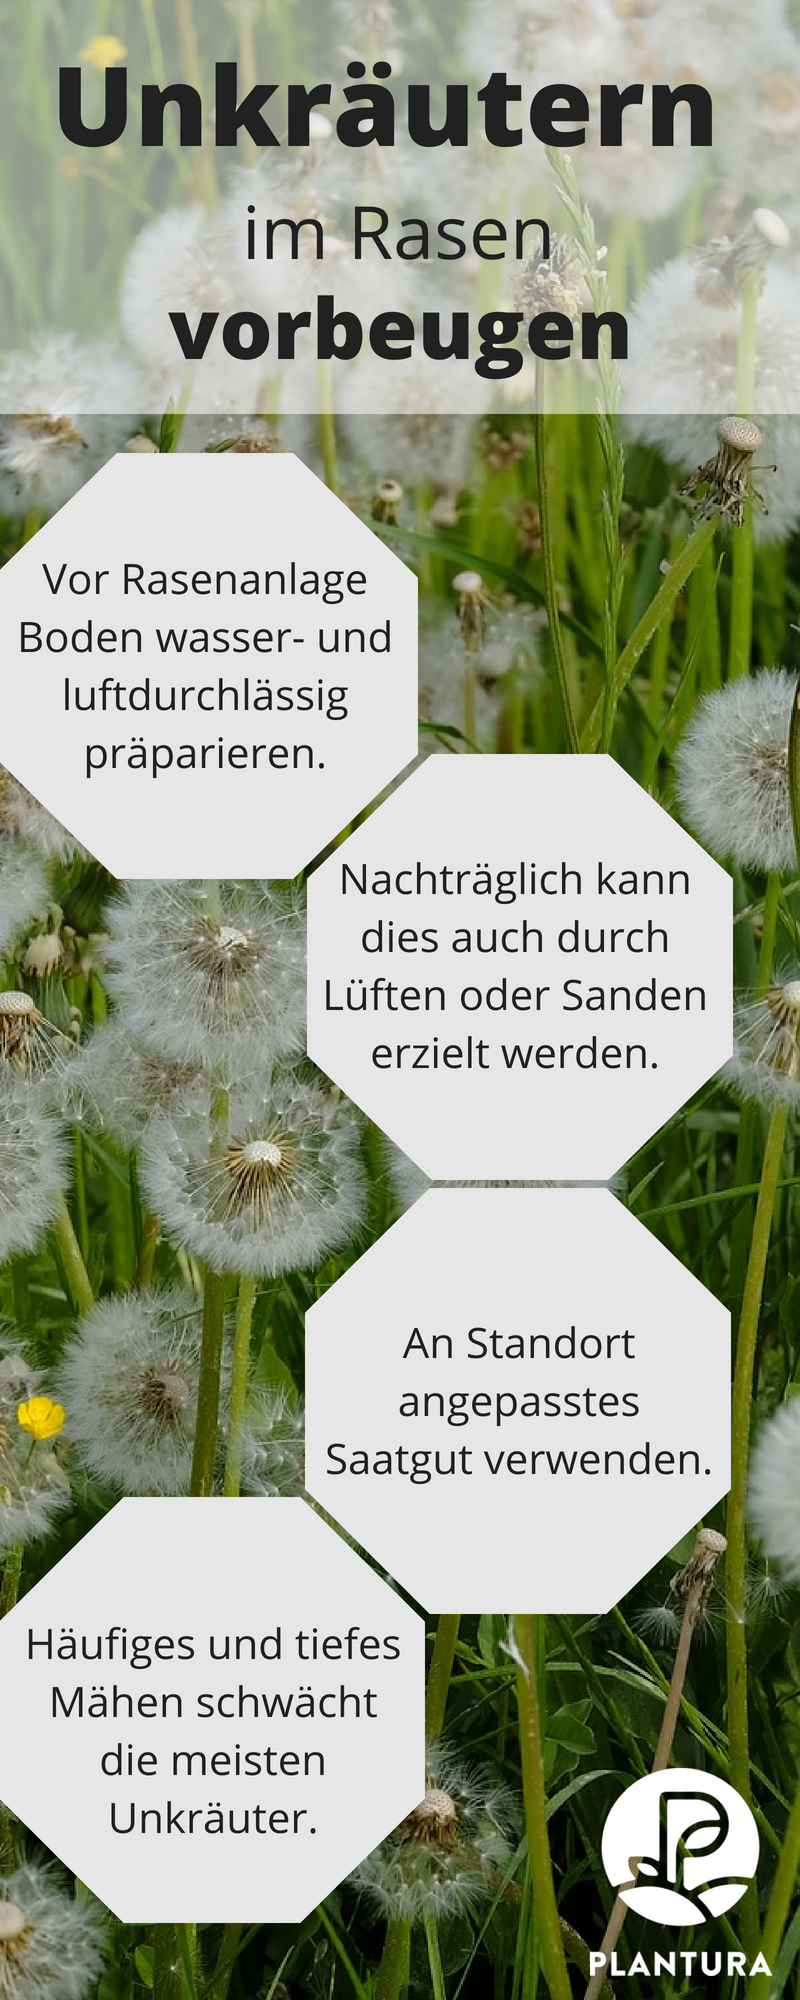 Verführerisch Alternative Zu Rasen Foto Von Unkräutern Im Vorbeugen: Was Ihr Bei Der